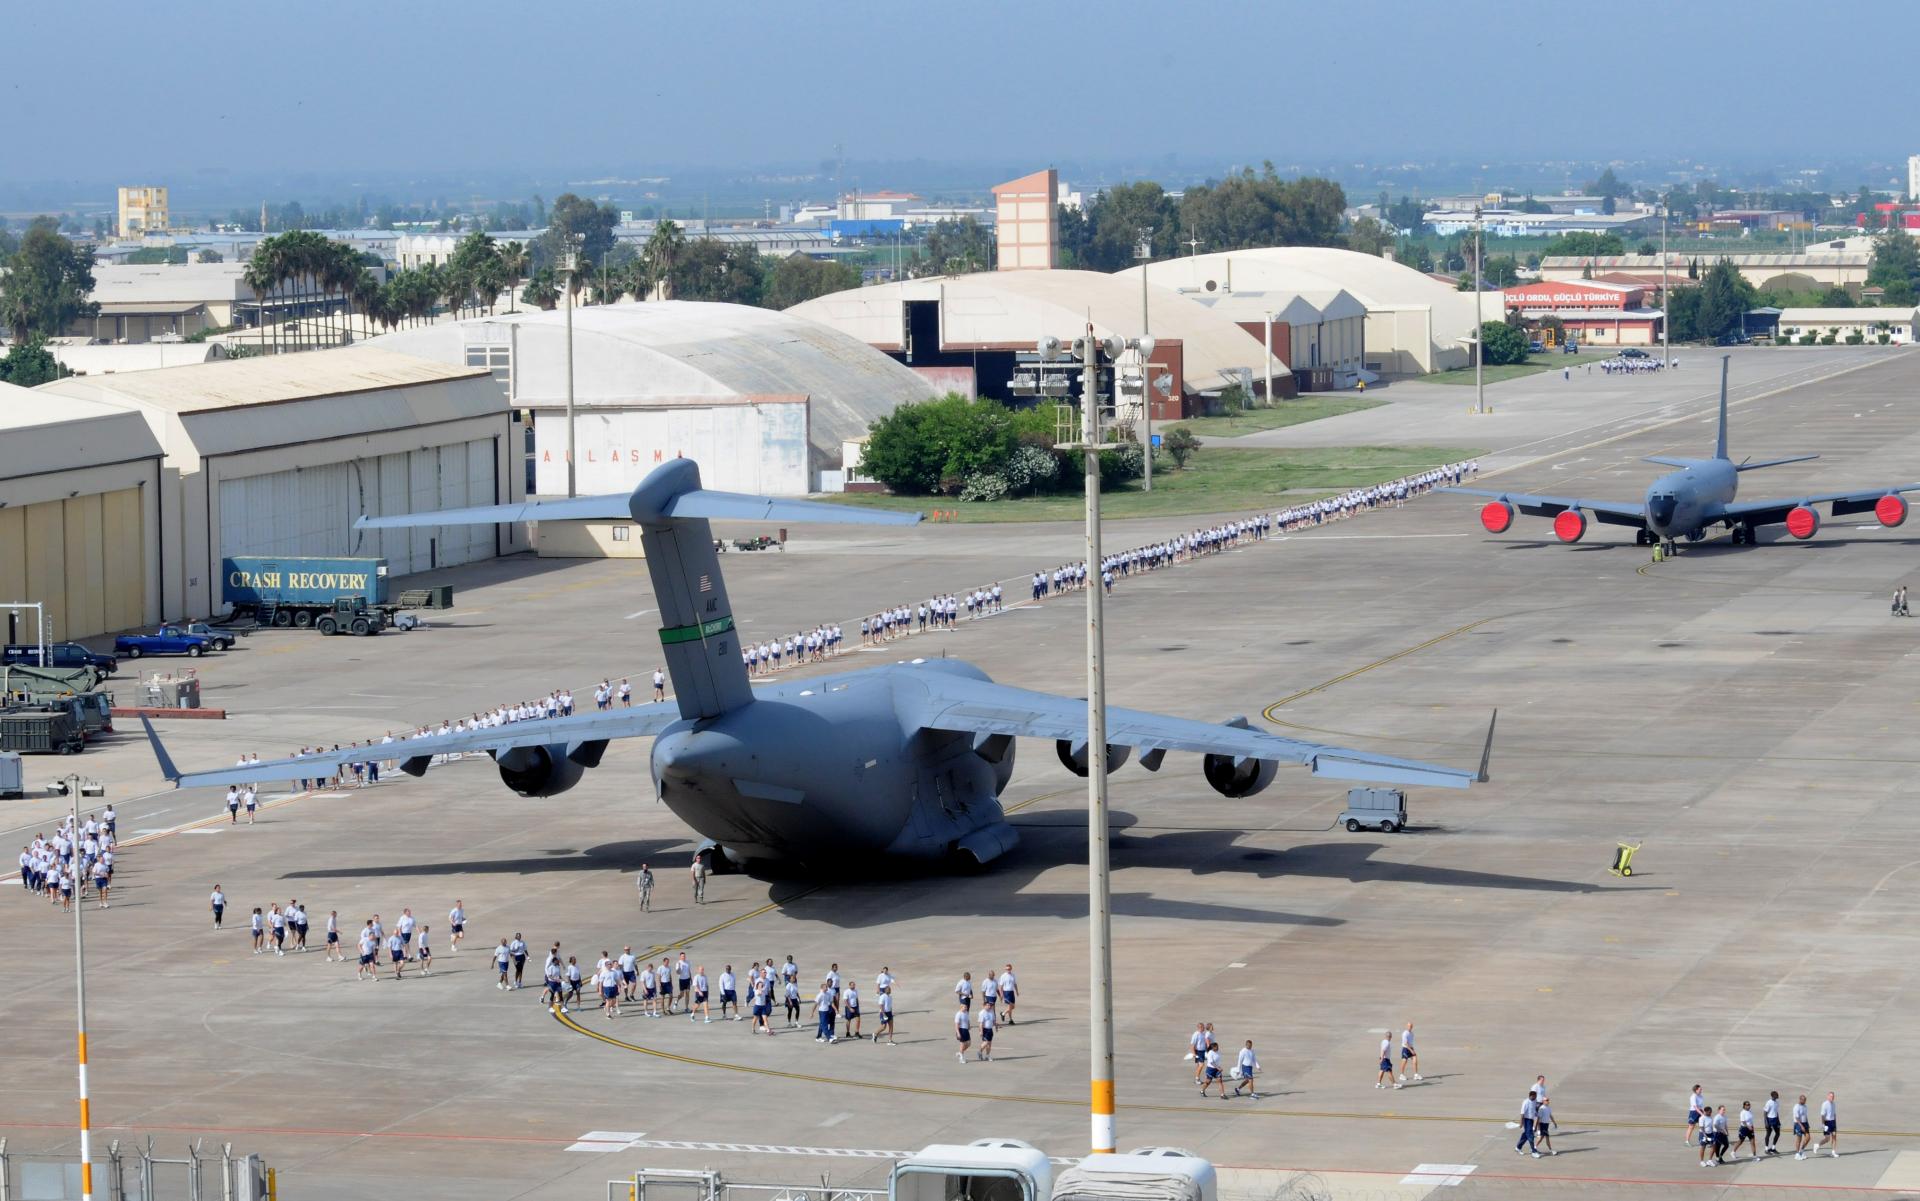 Το αεροδρόμιο Ιντσιρλίκ και ο αντιαμερικανισμός όπλα της Άγκυρας κατά ΗΠΑ